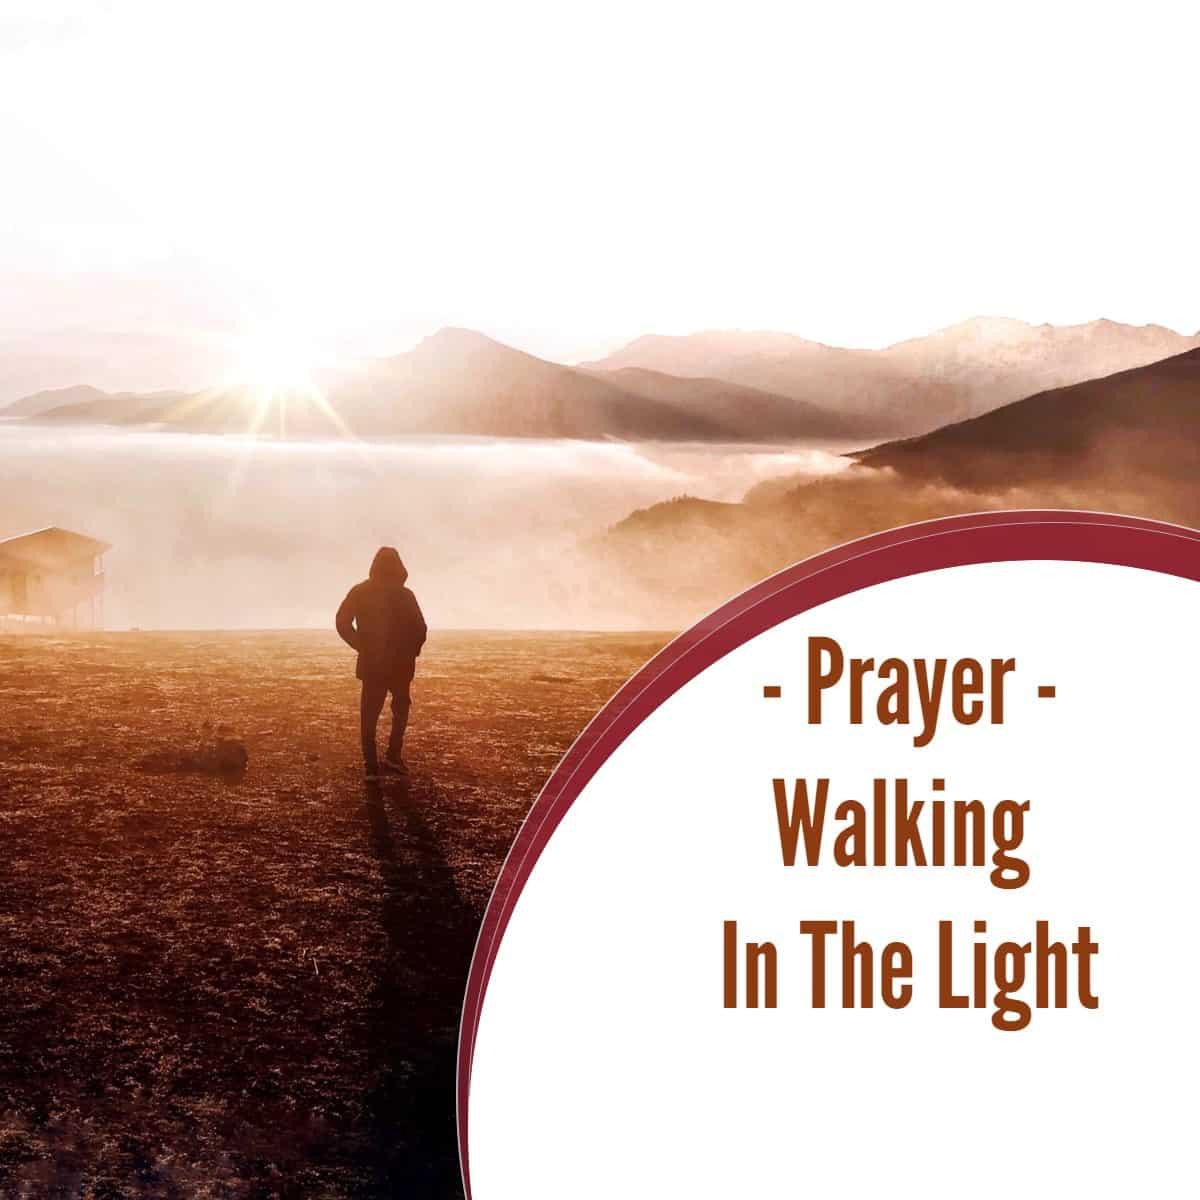 Prayer: Walking In The Light